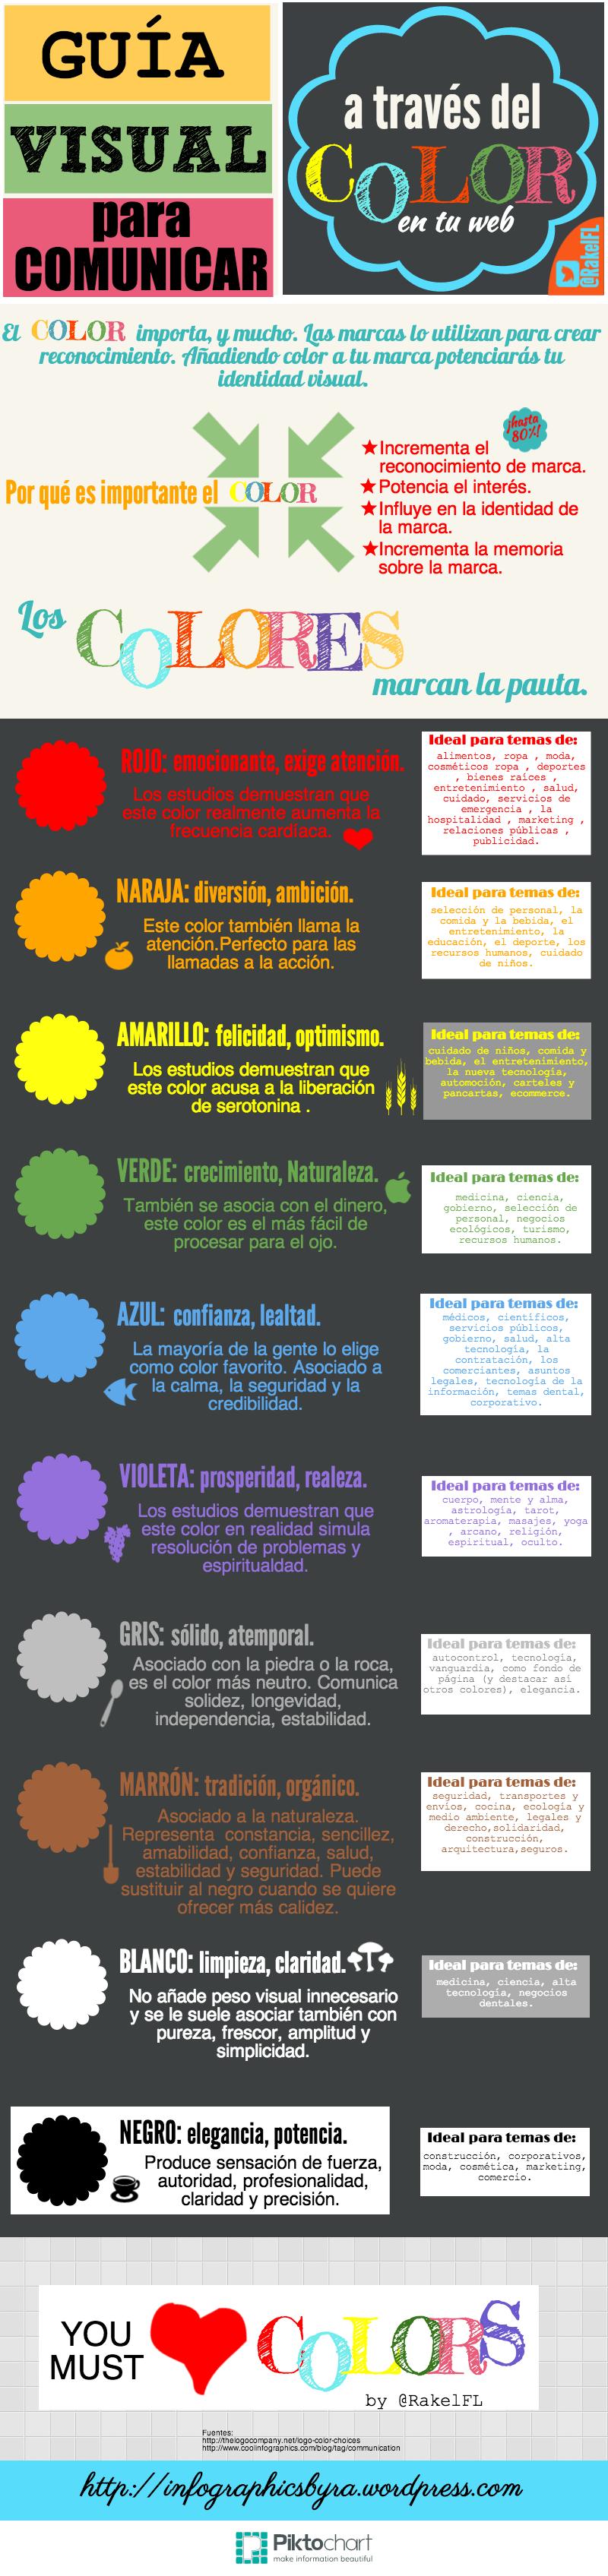 http://infographicsbyra.files.wordpress.com/2014/01/guc3ada-visual-para-comunicar-a-travc3a9s-del-color-en-tu-web-infografc3ada-by-rakelfl-1.png